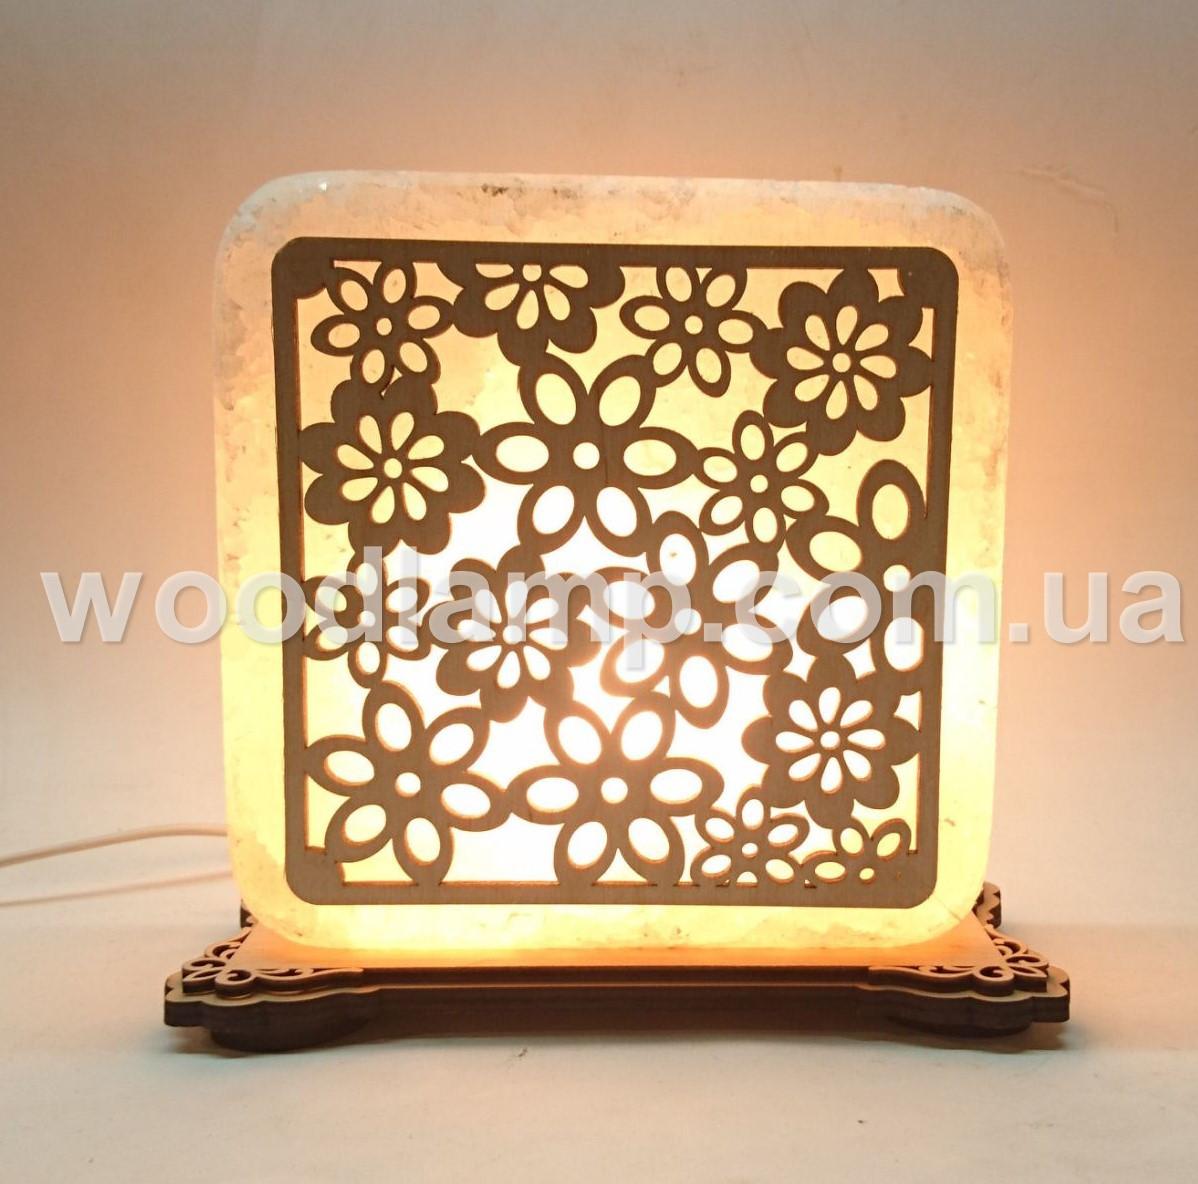 Соляной светильник квадратный Васильки